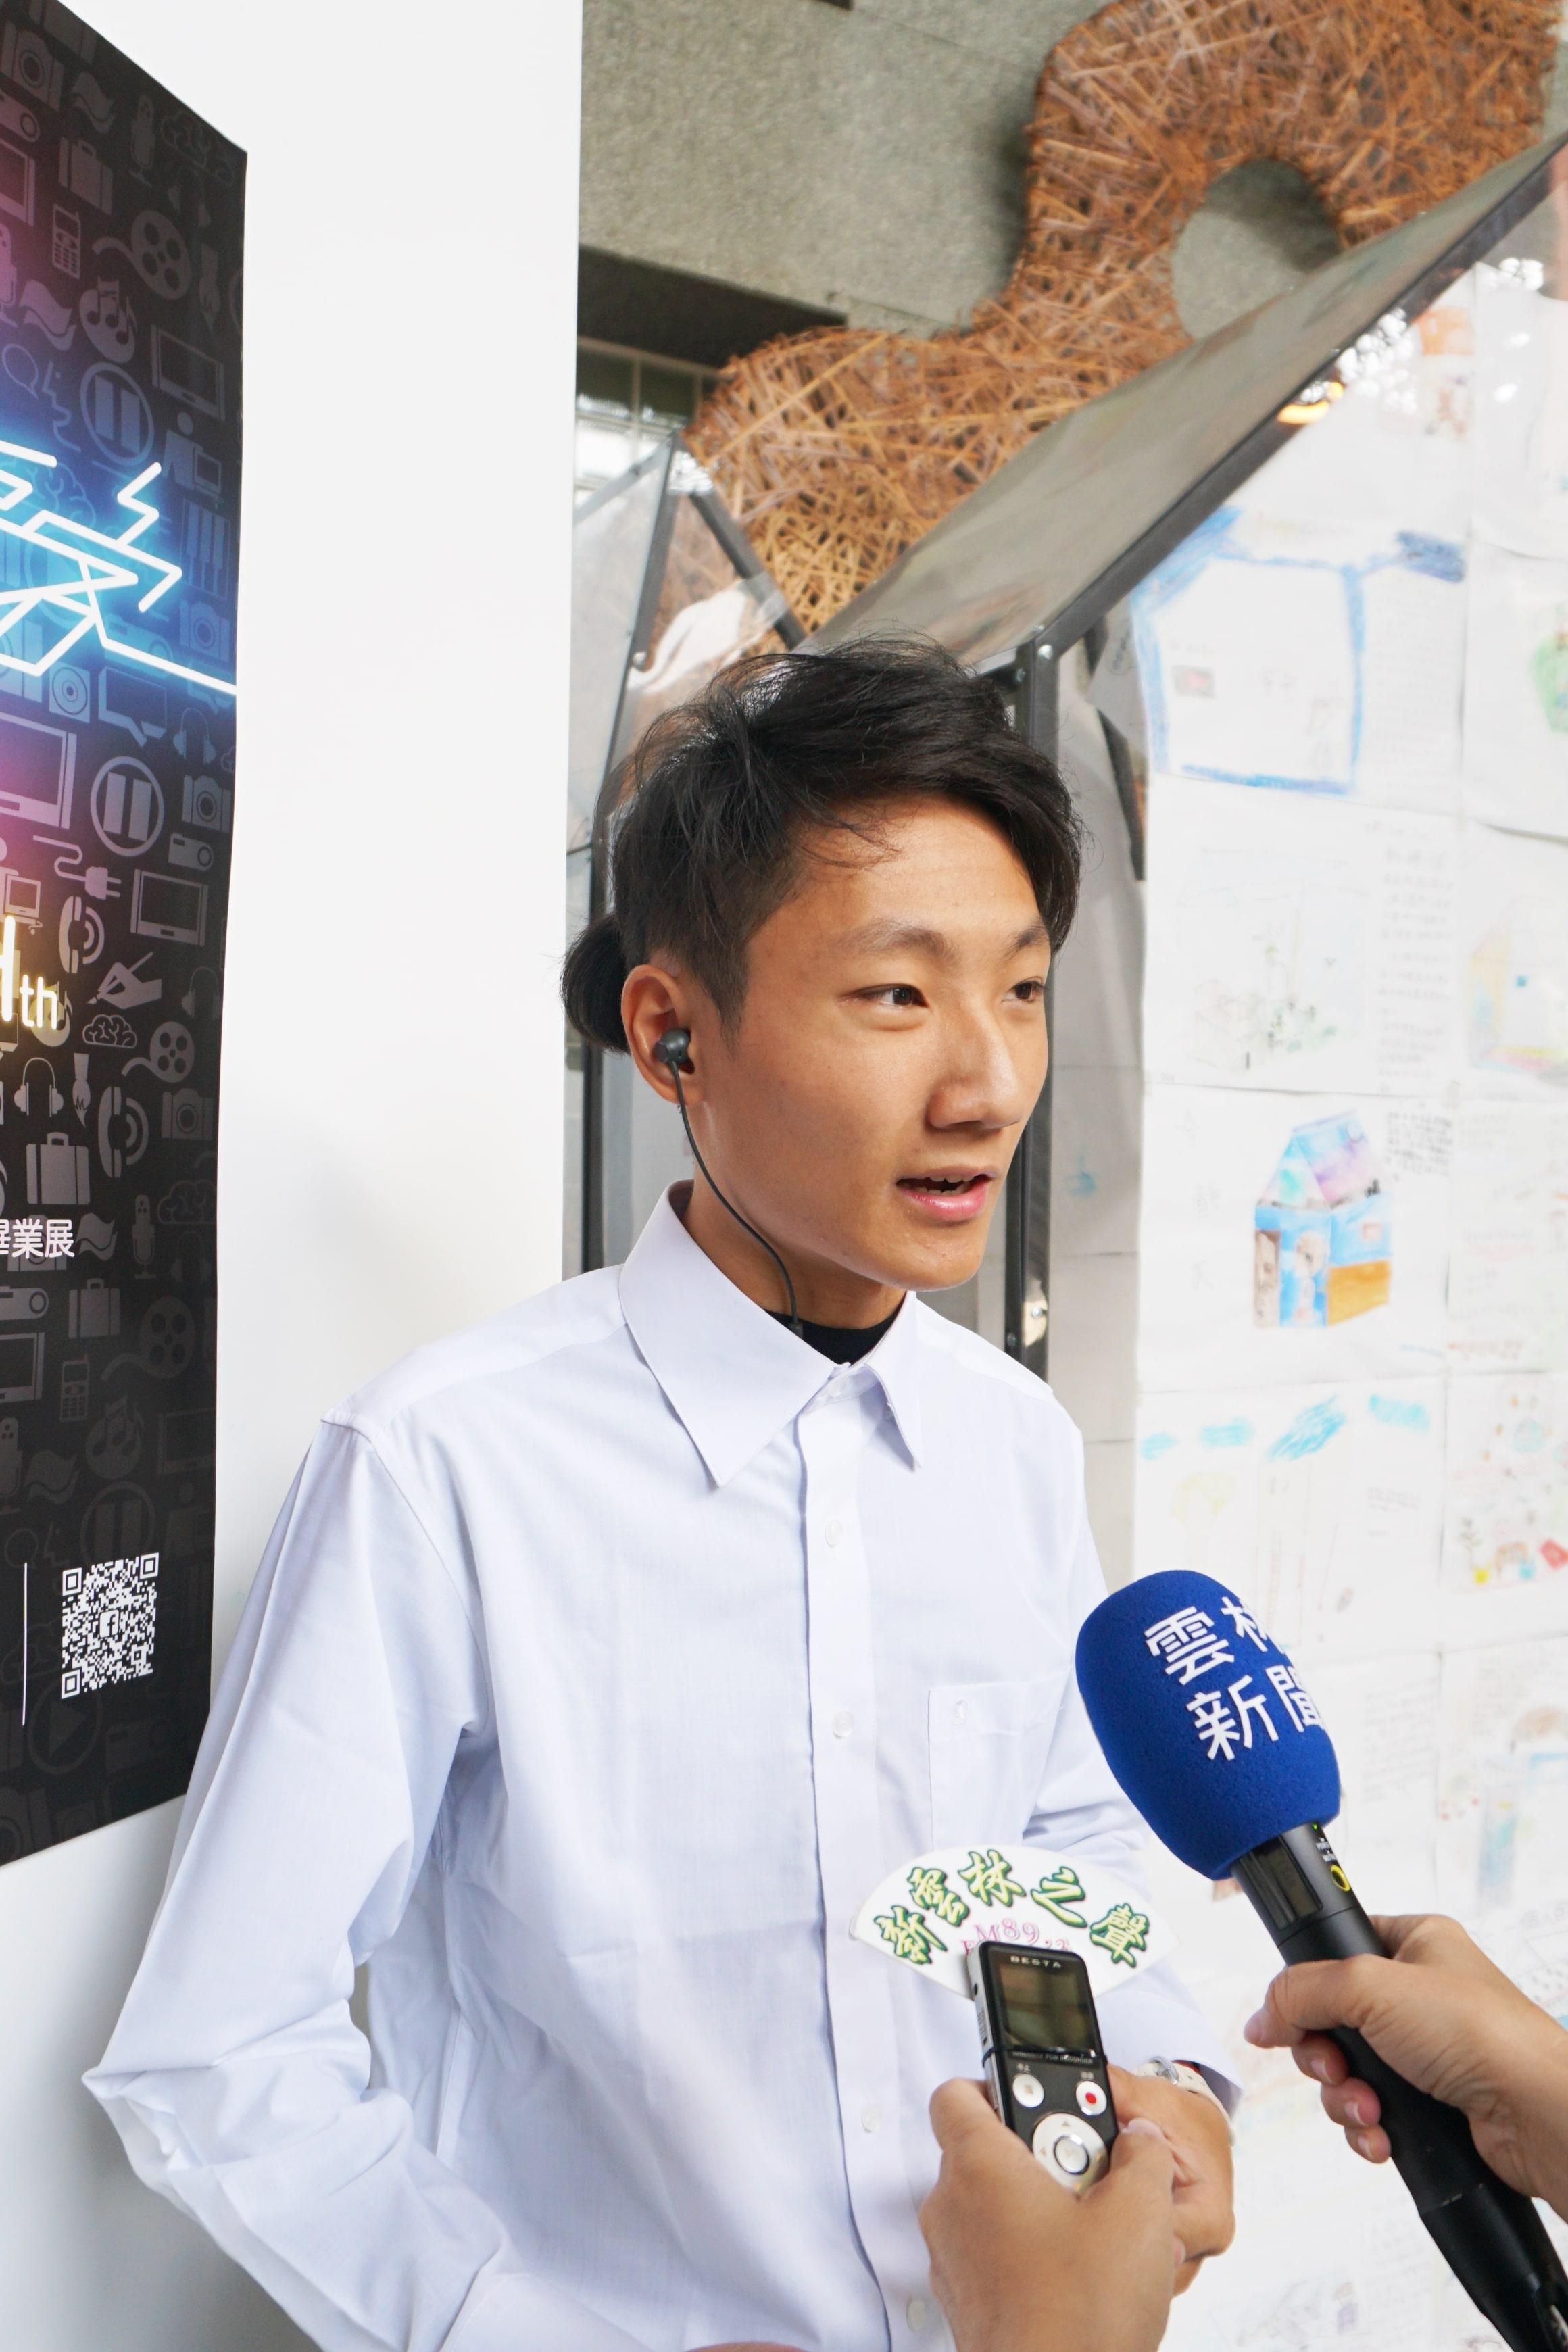 F1720190107 7多媒體總召 尤鼎銓會長